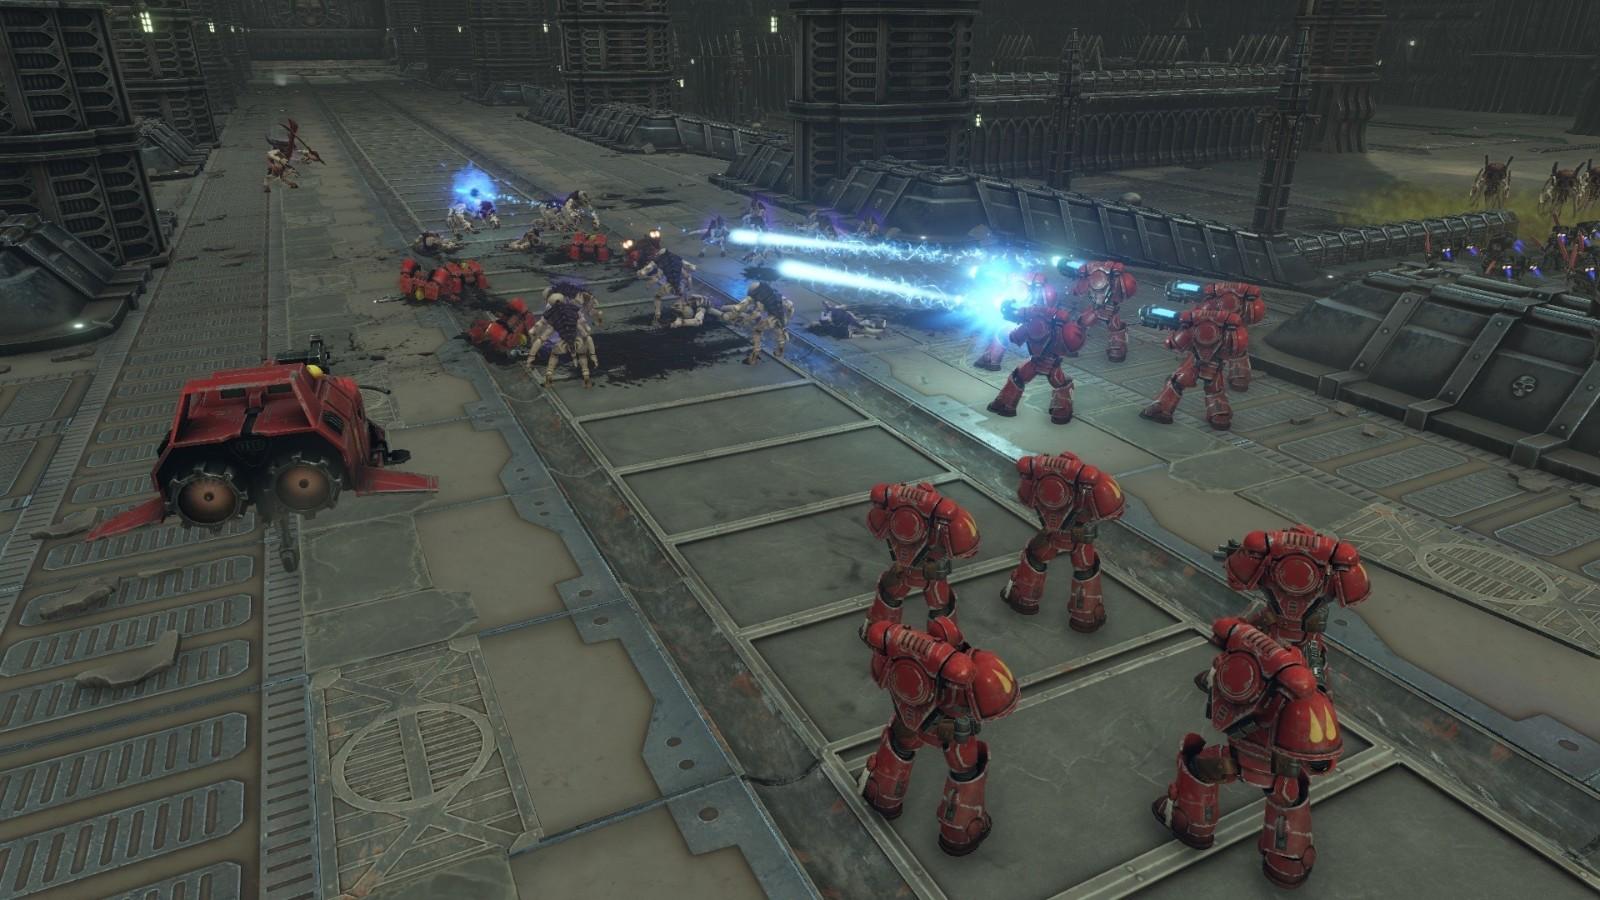 《战锤40K:战区》新实机预告 展示了新单位战斗修女 游戏资讯 第1张